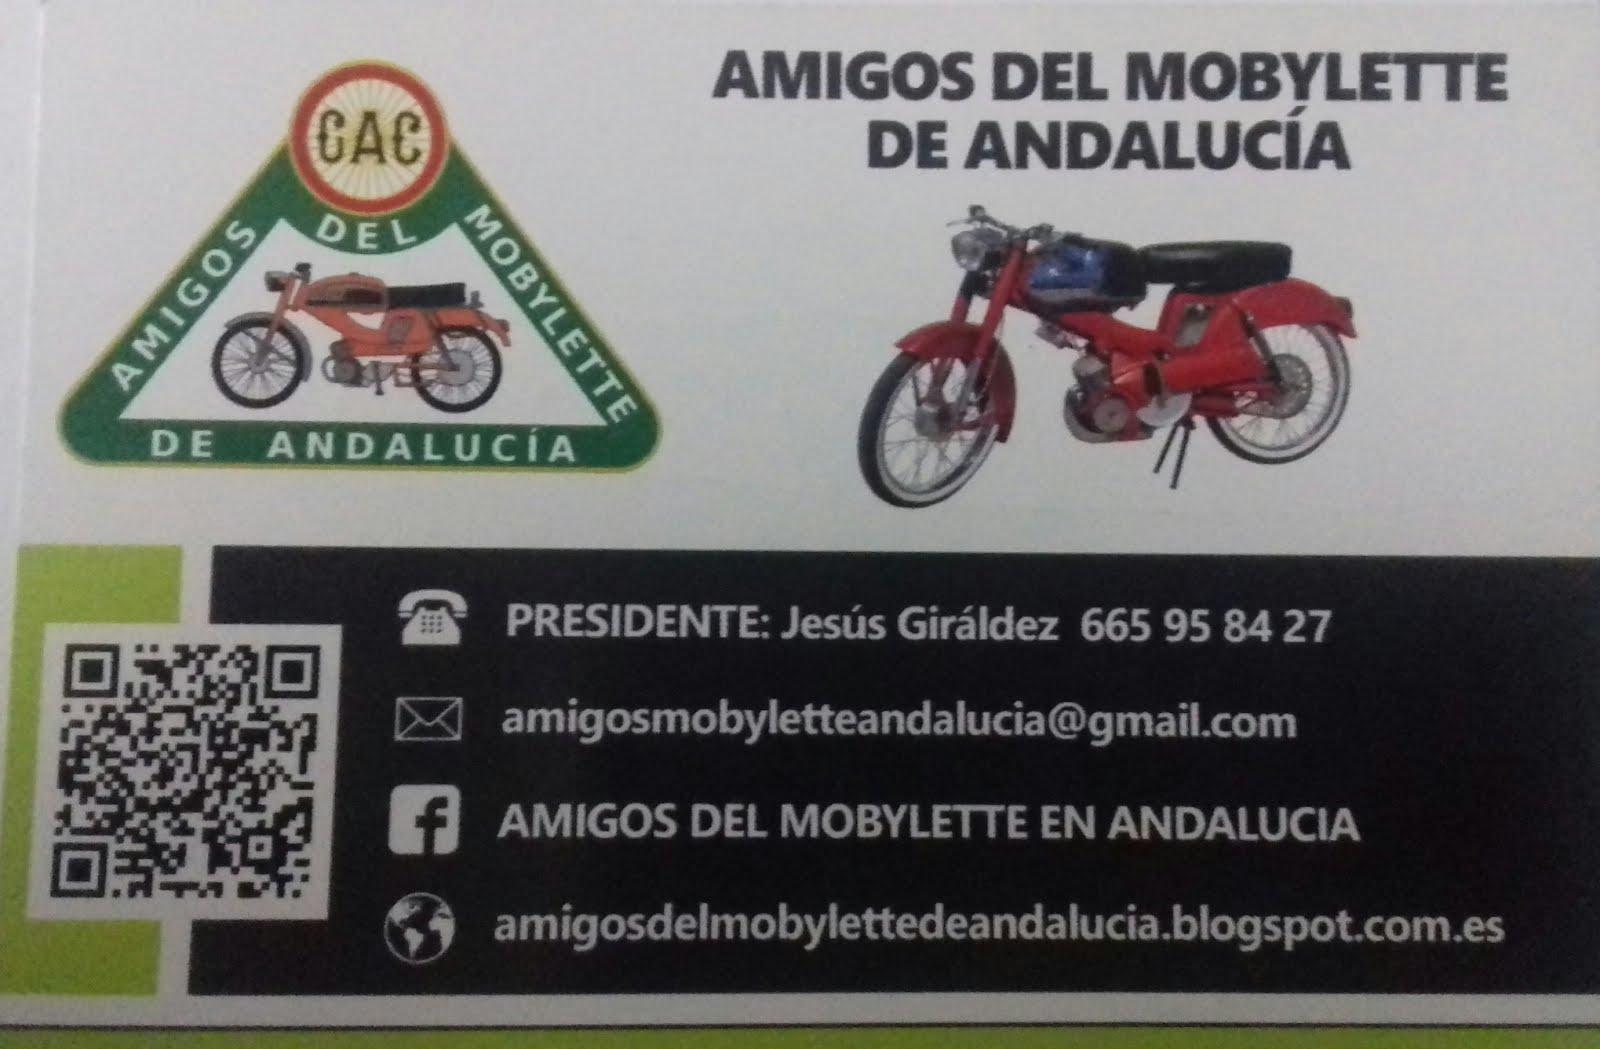 TARJETA DE LA ASOCIACION.